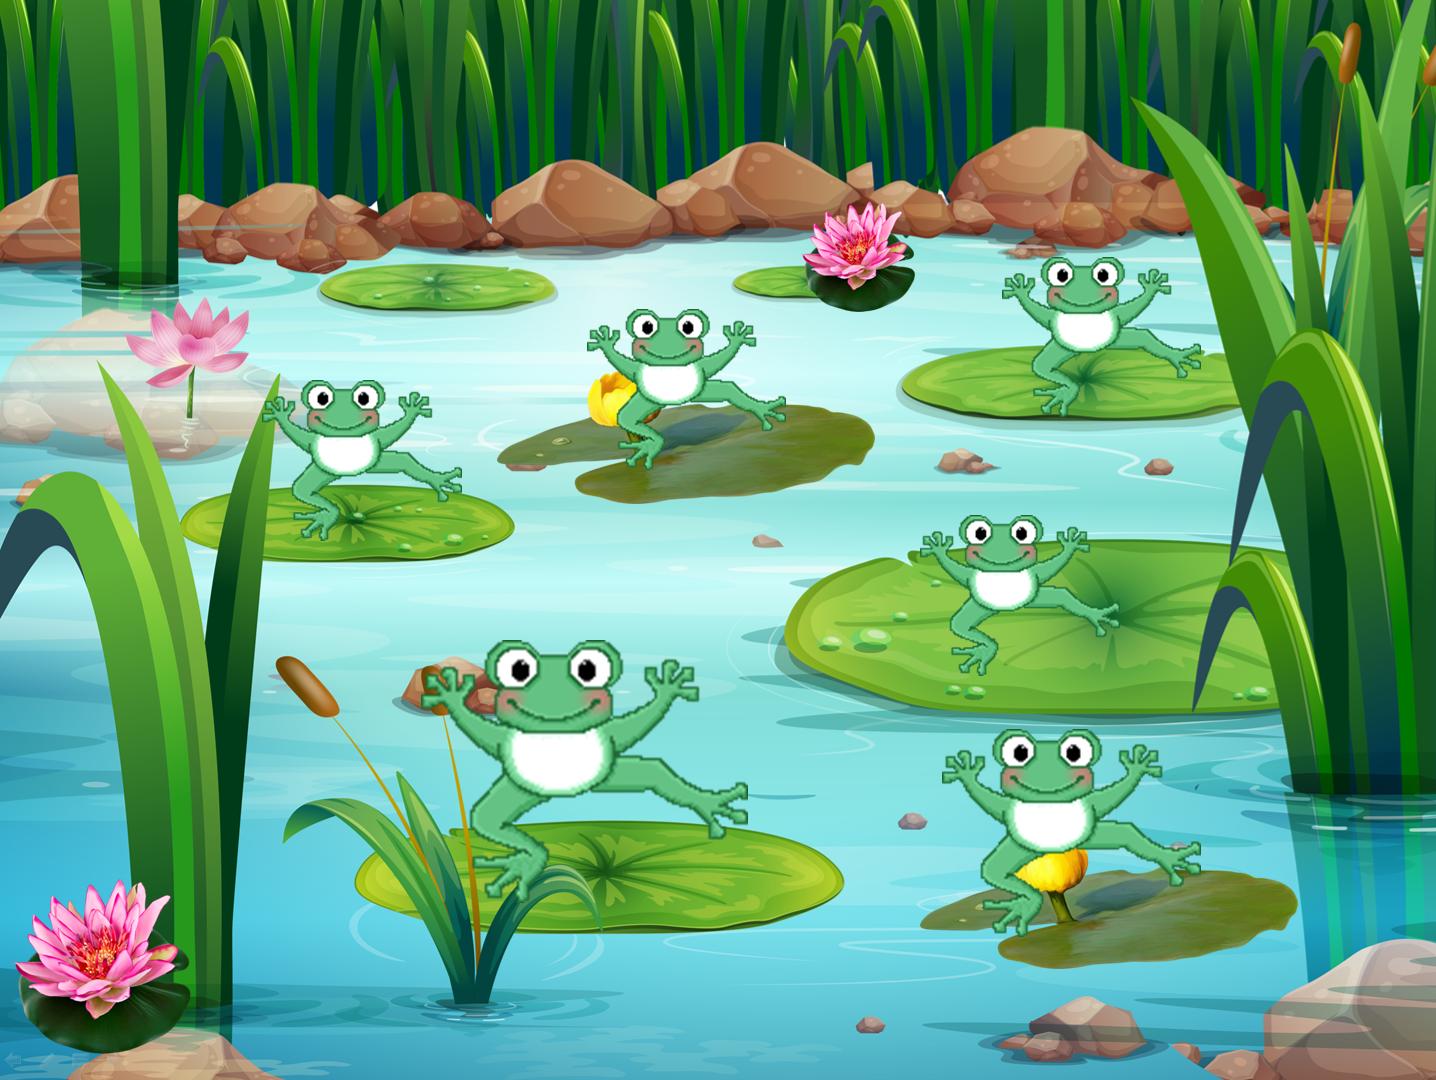 картинка лягушонка из игры соотвестственно